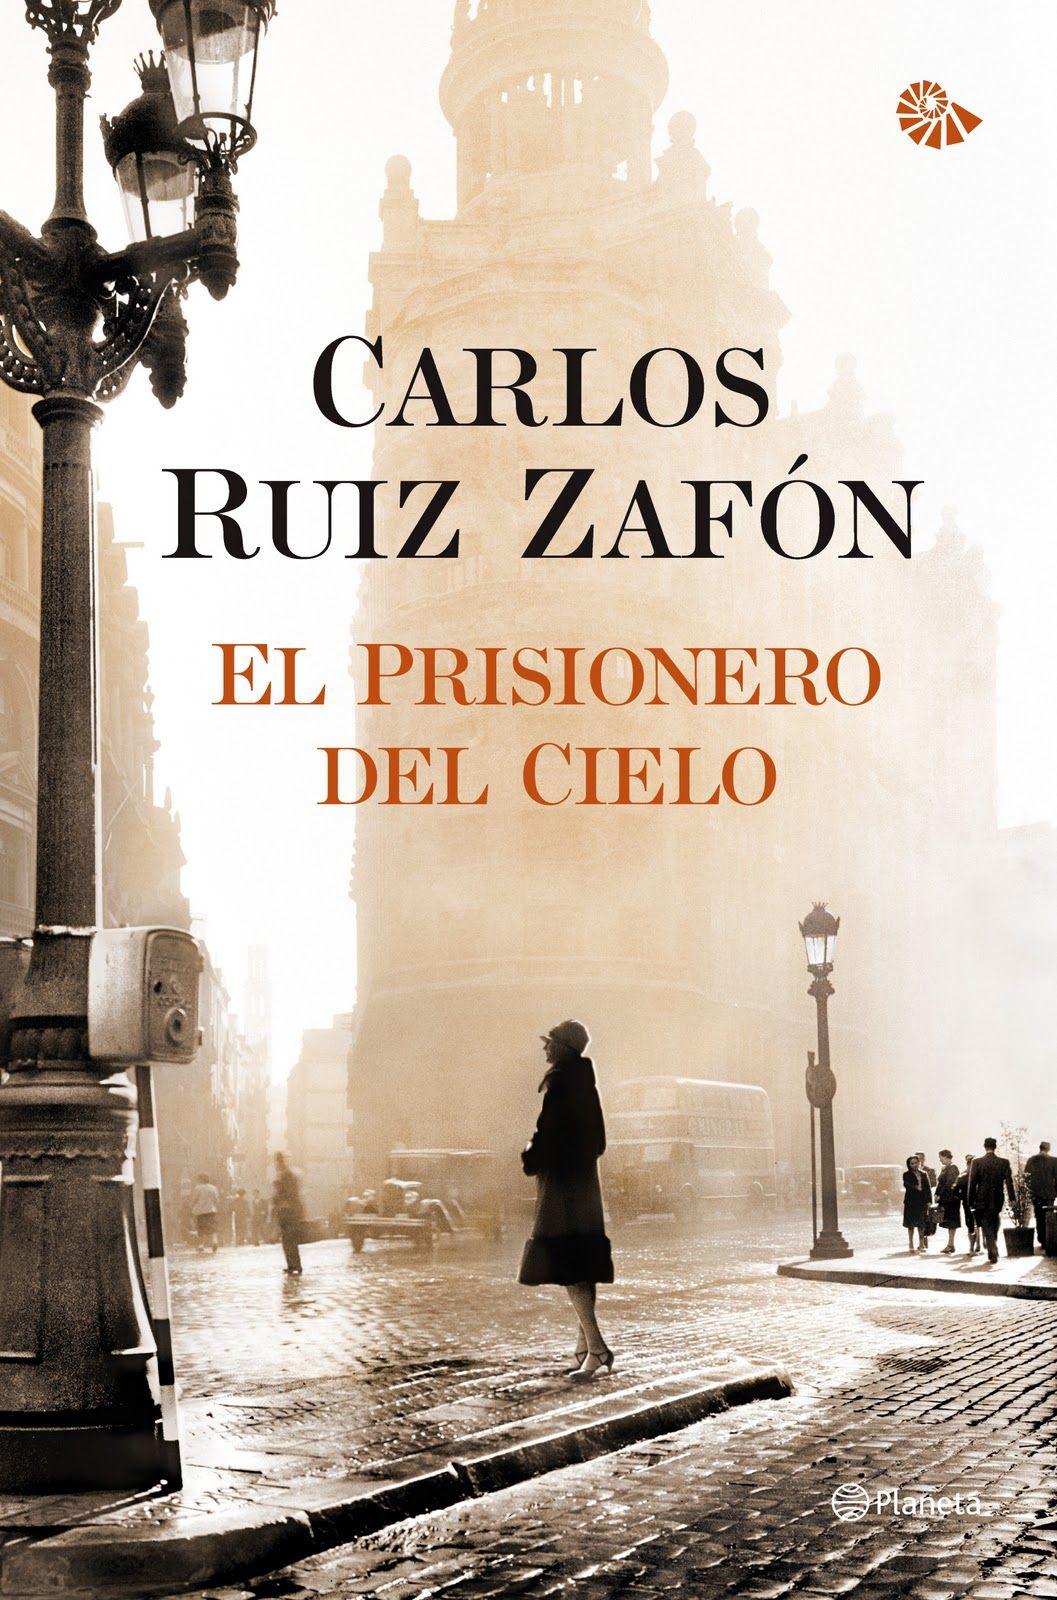 Carlos Ruiz Zafón - El prisionero del cielo | Libros No Oficiales ...